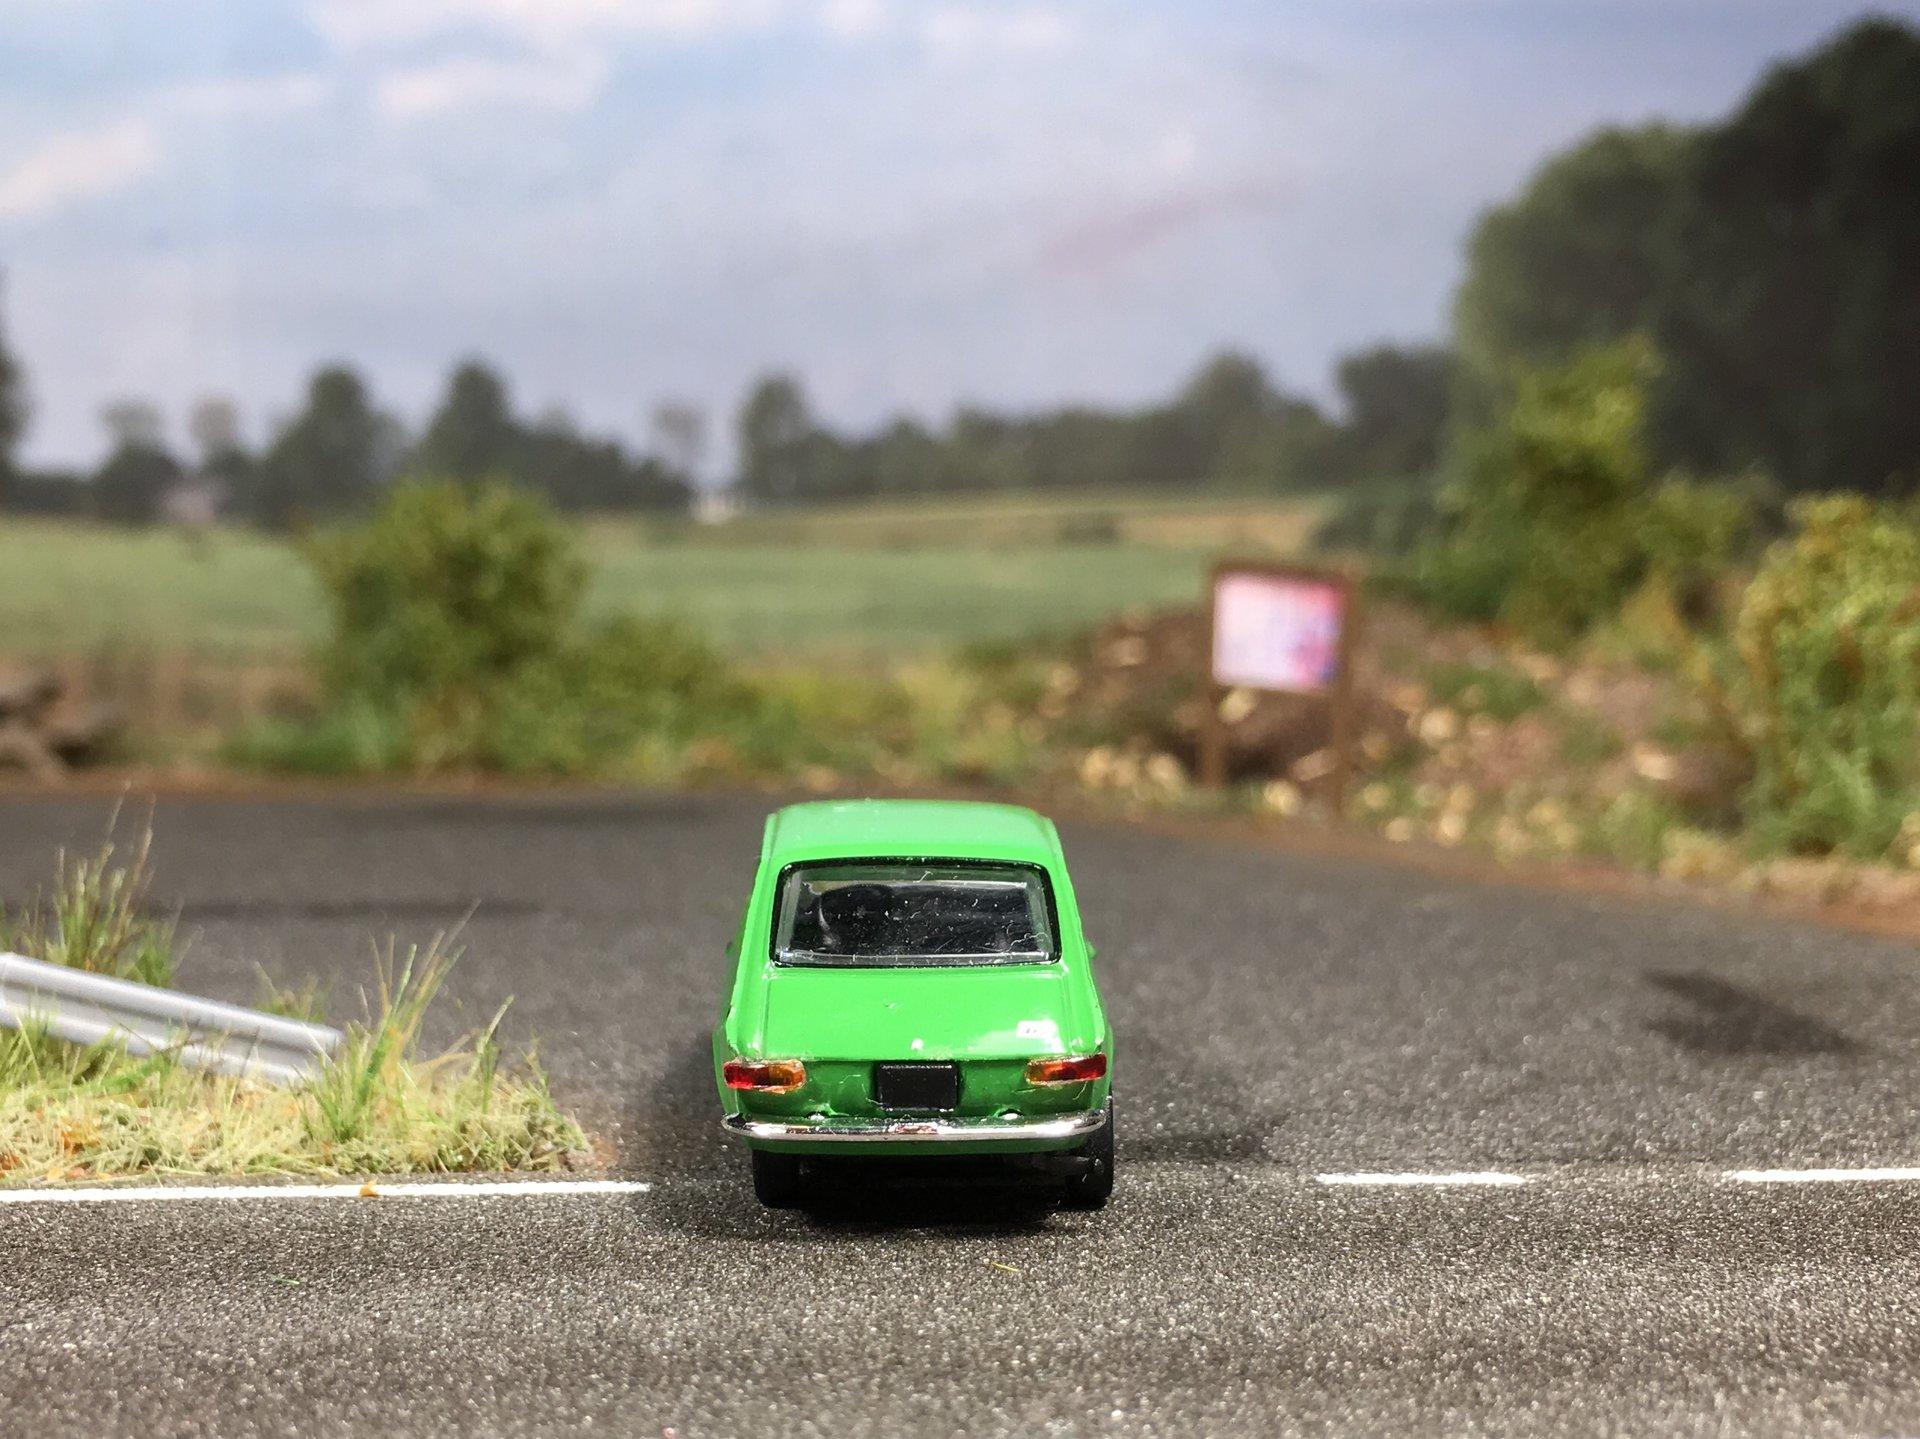 Fiat 127 zielony 007.jpg